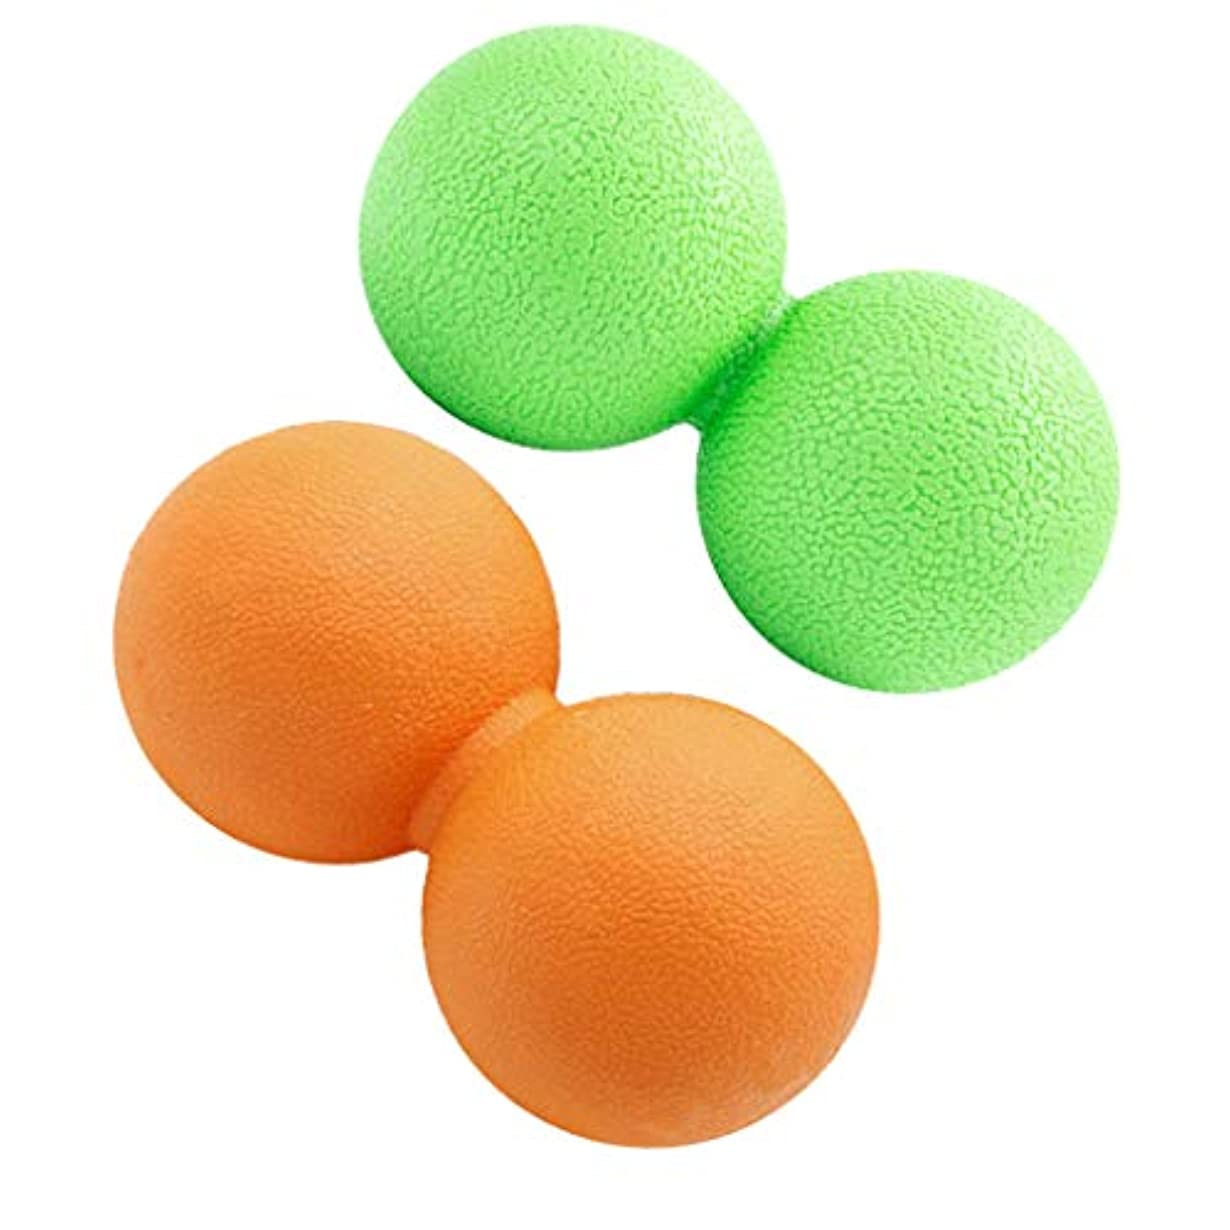 計器書誌投資2個 マッサージボール ピーナッツ 疲れ解消ボール トリガーポイント 筋膜リリース ツボ押しグッズ